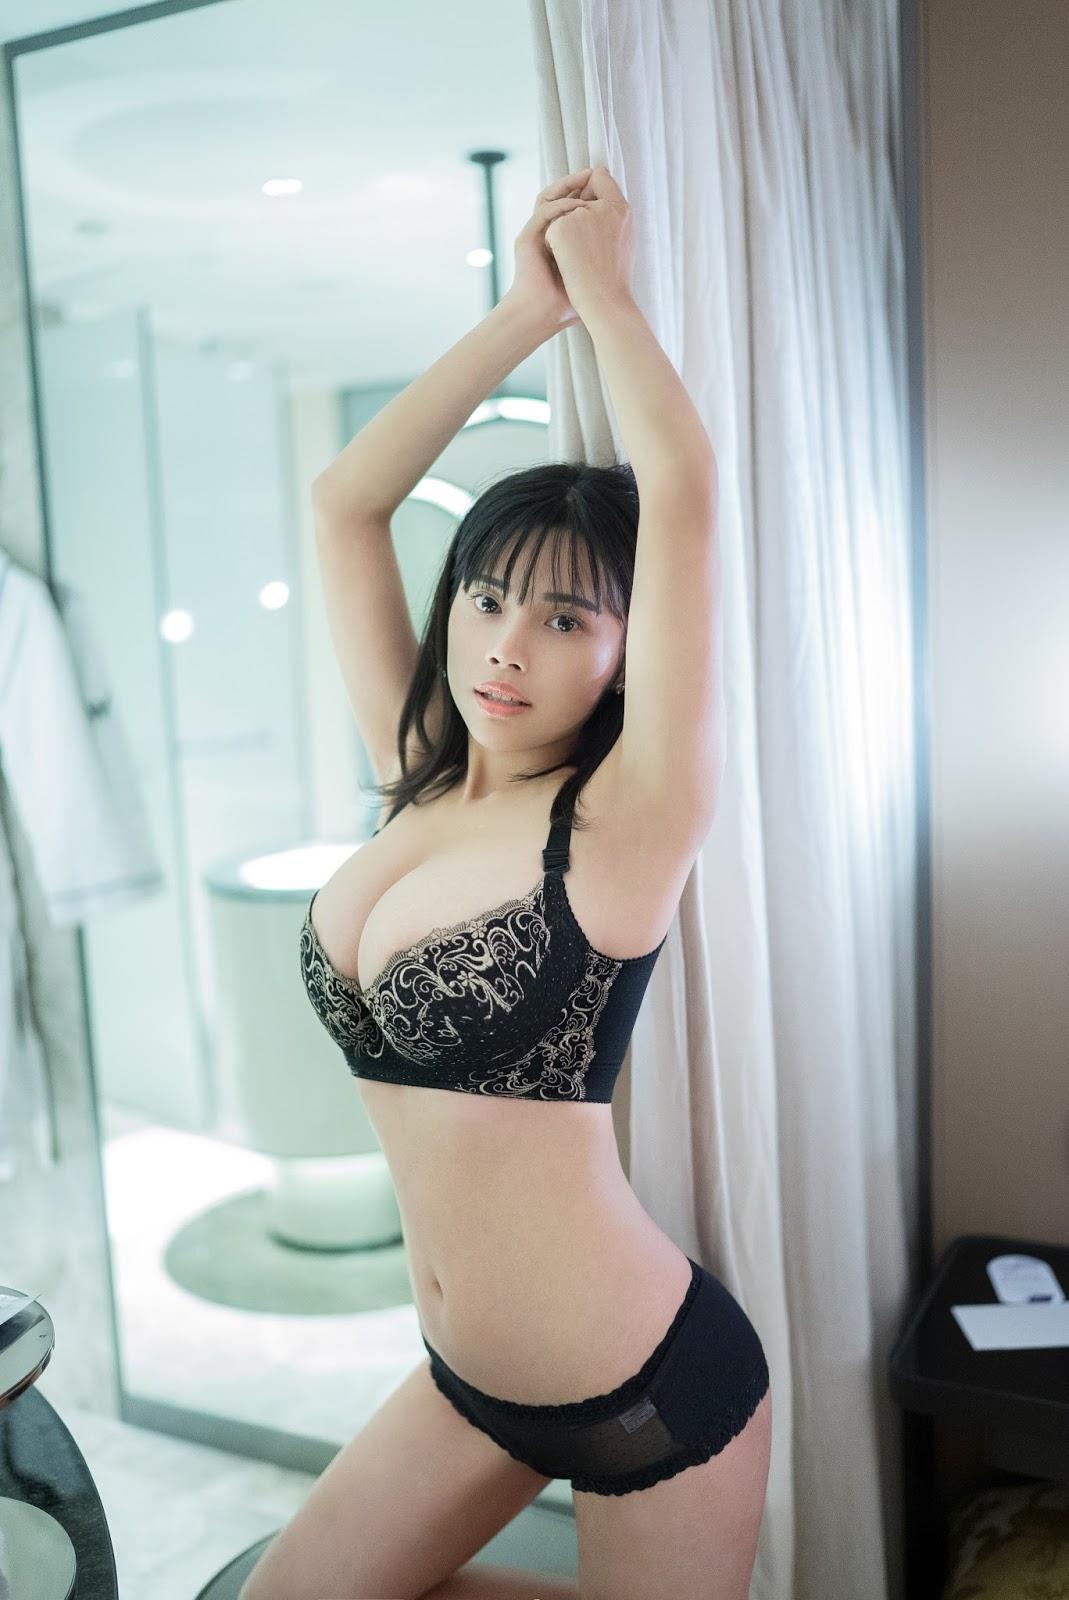 TuiGirl - No.74 Lin Meng Meng (30 pics)